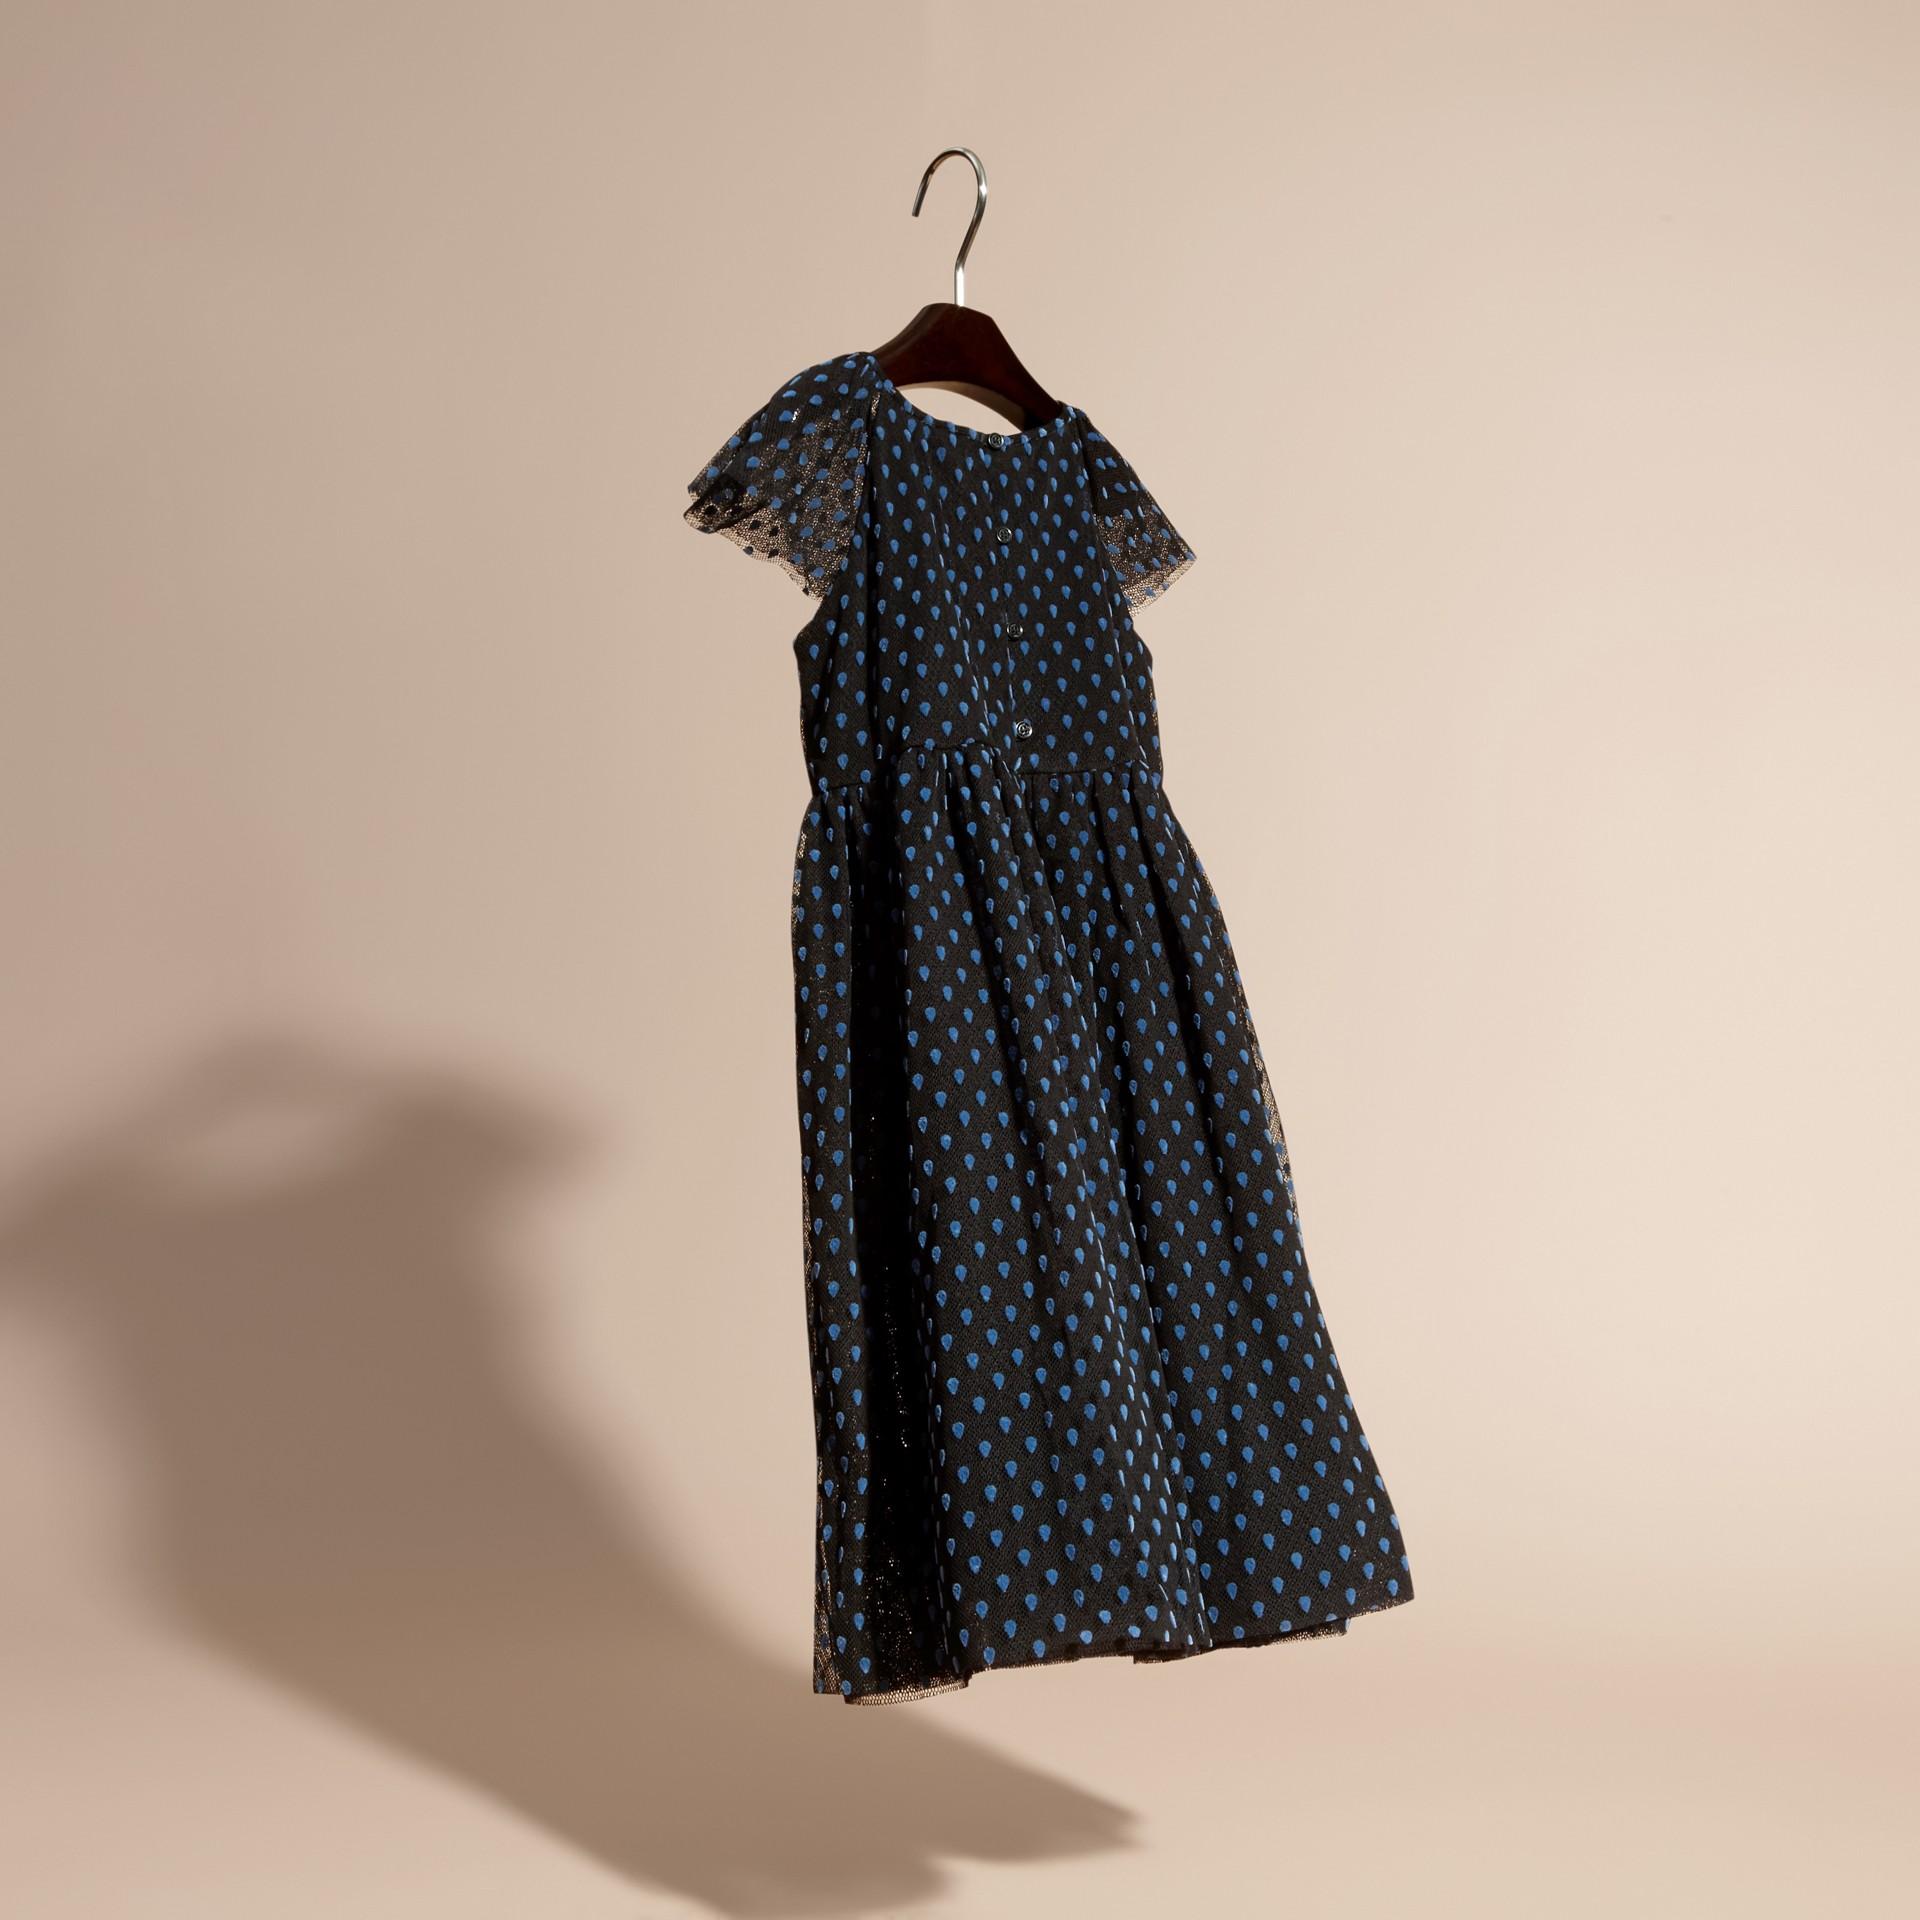 Negro Vestido de tul de algodón plisado con detalles aterciopelados - imagen de la galería 2